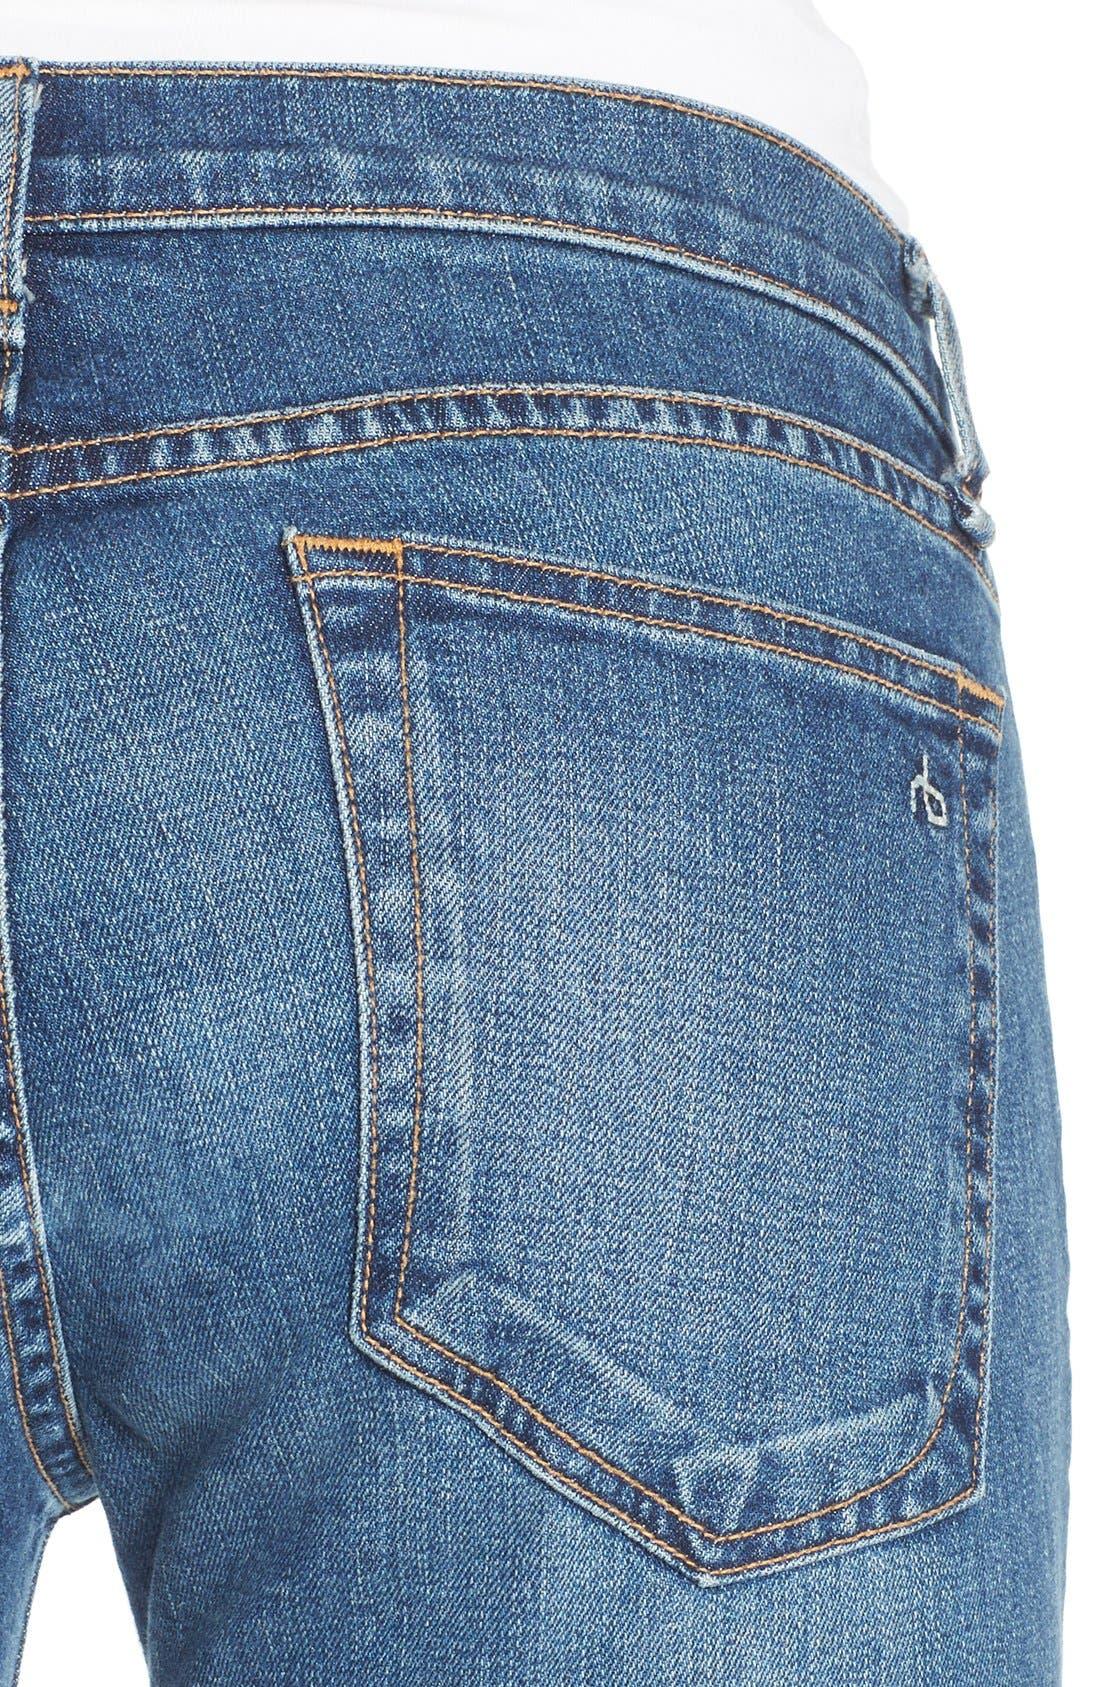 'Dre' Distressed Slim Boyfriend Jeans,                             Alternate thumbnail 5, color,                             423